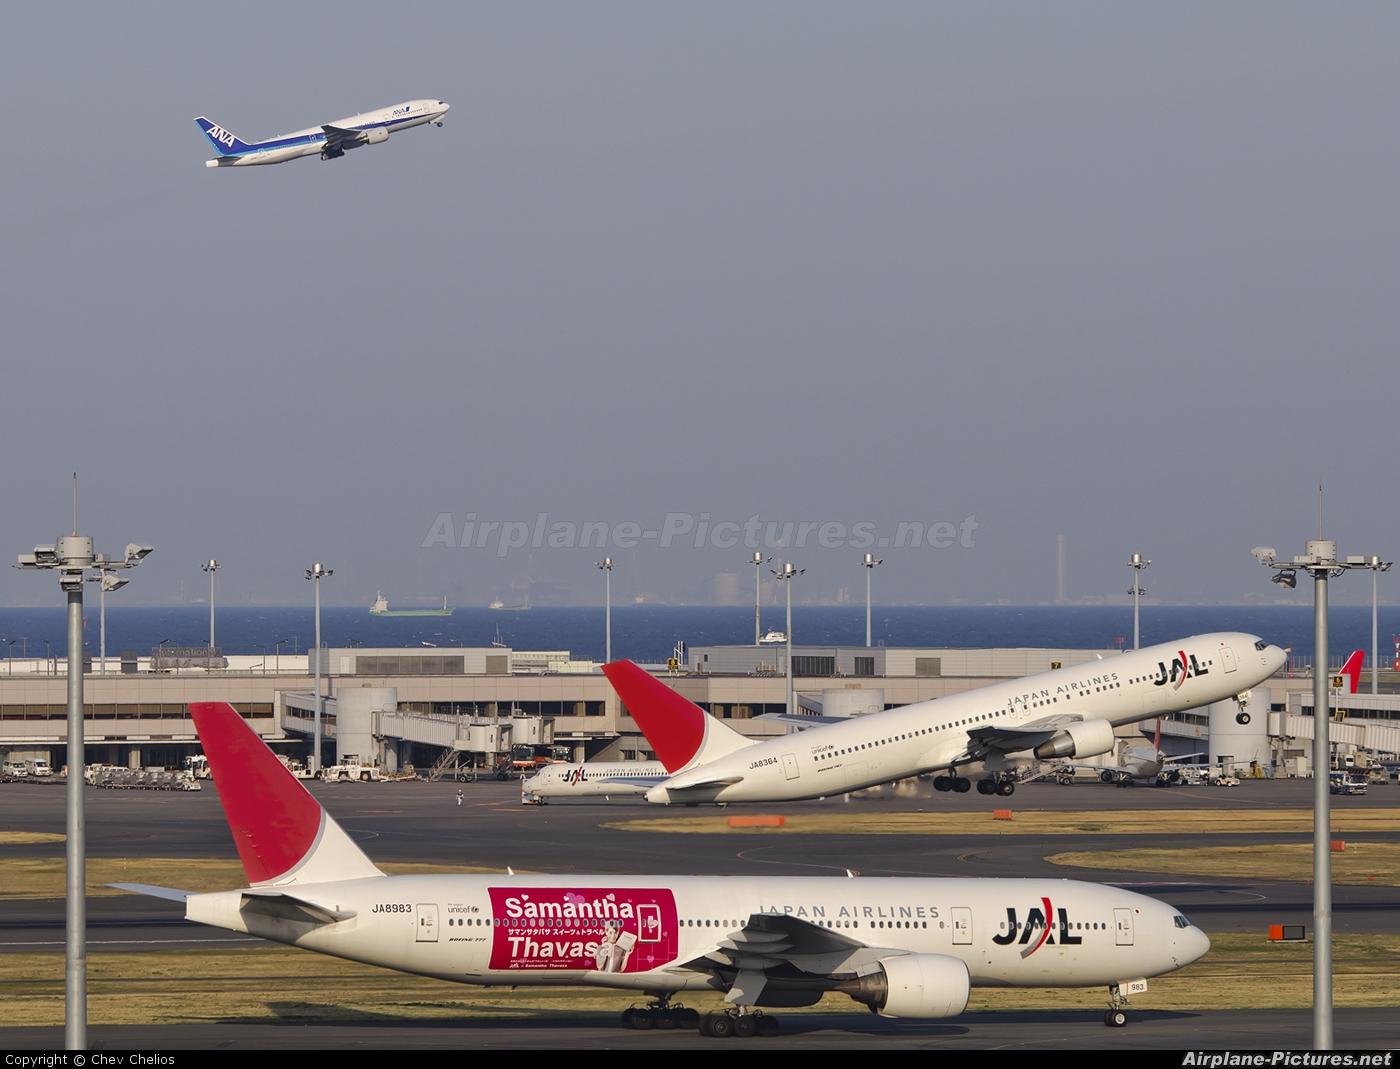 JAL - Japan Airlines JA8983 aircraft at Tokyo - Haneda Intl